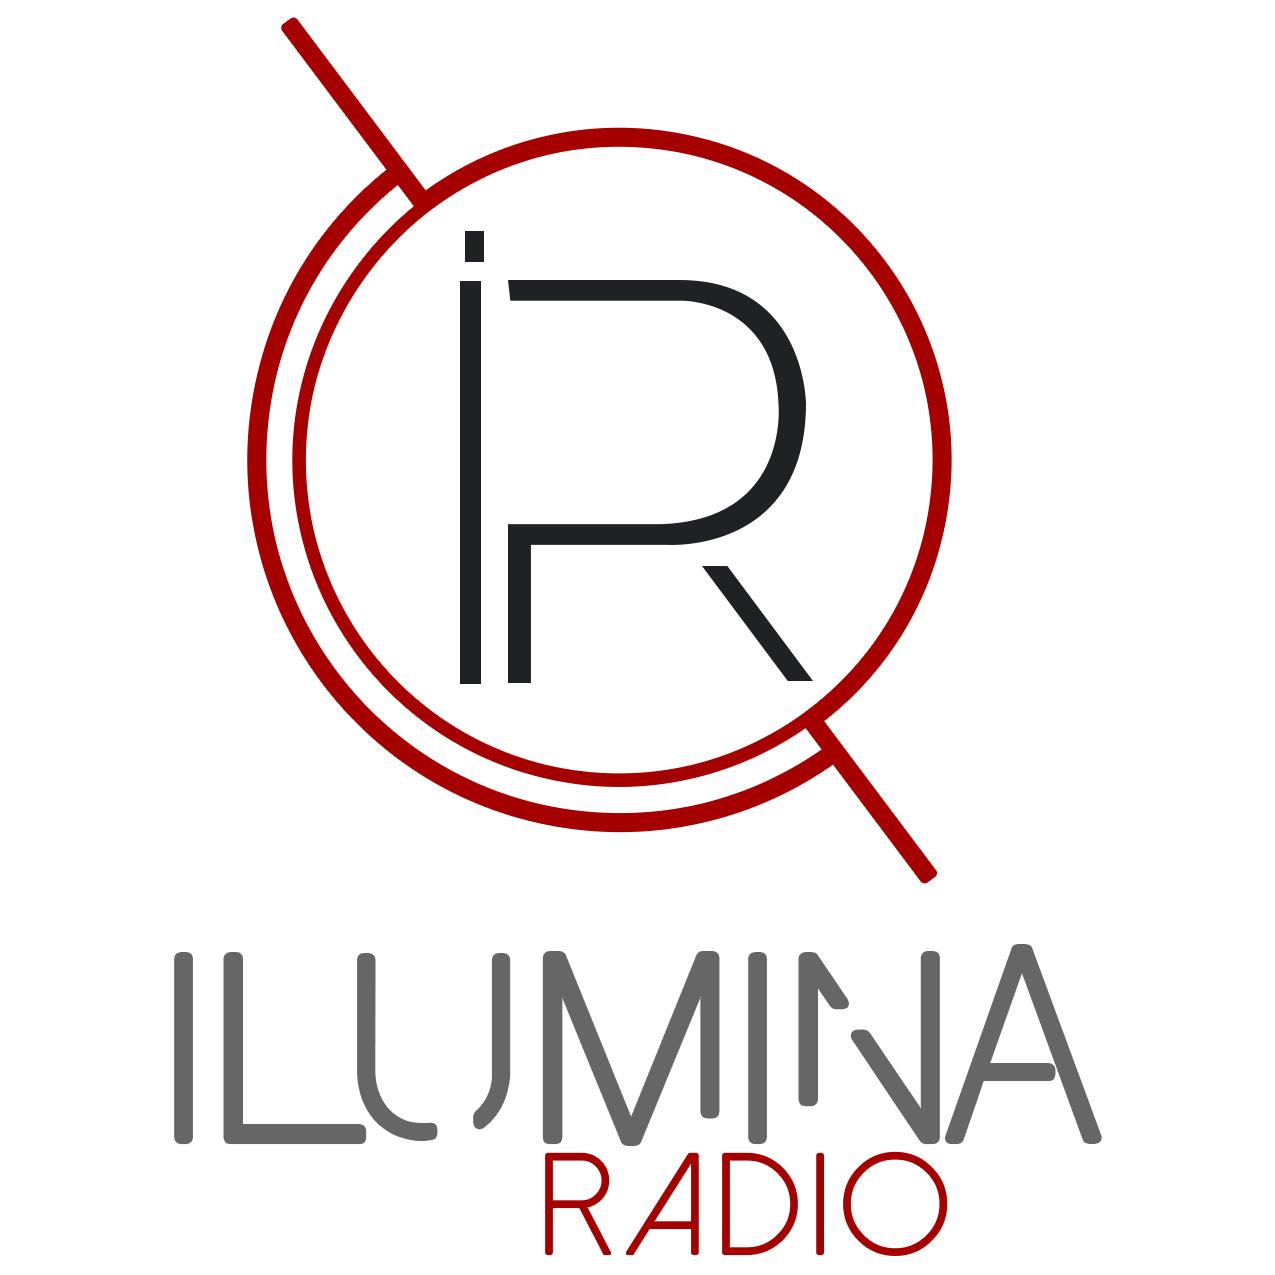 Ilumina Radio